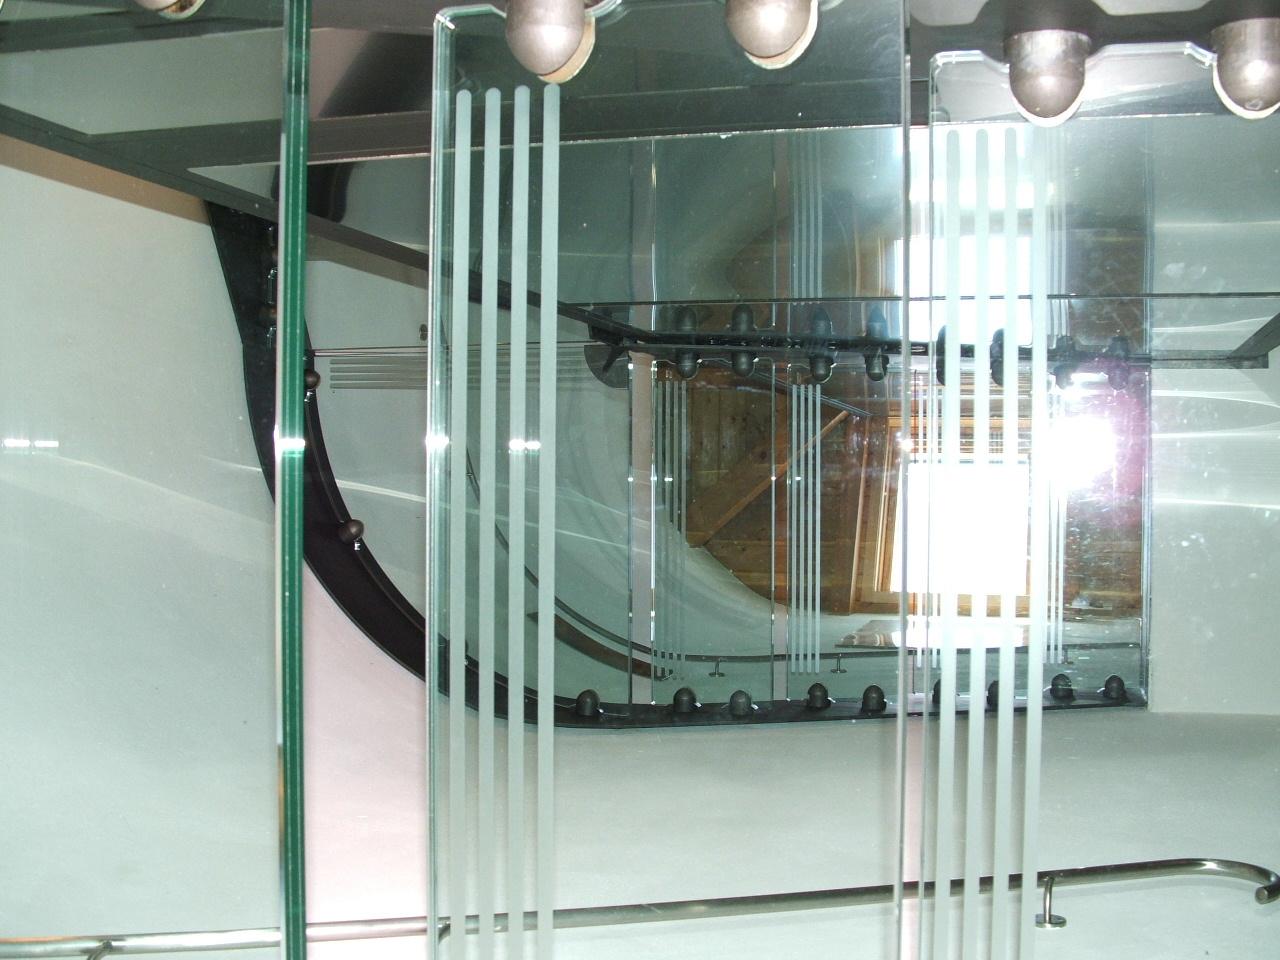 scala ferro-vetro: visuale dei piani